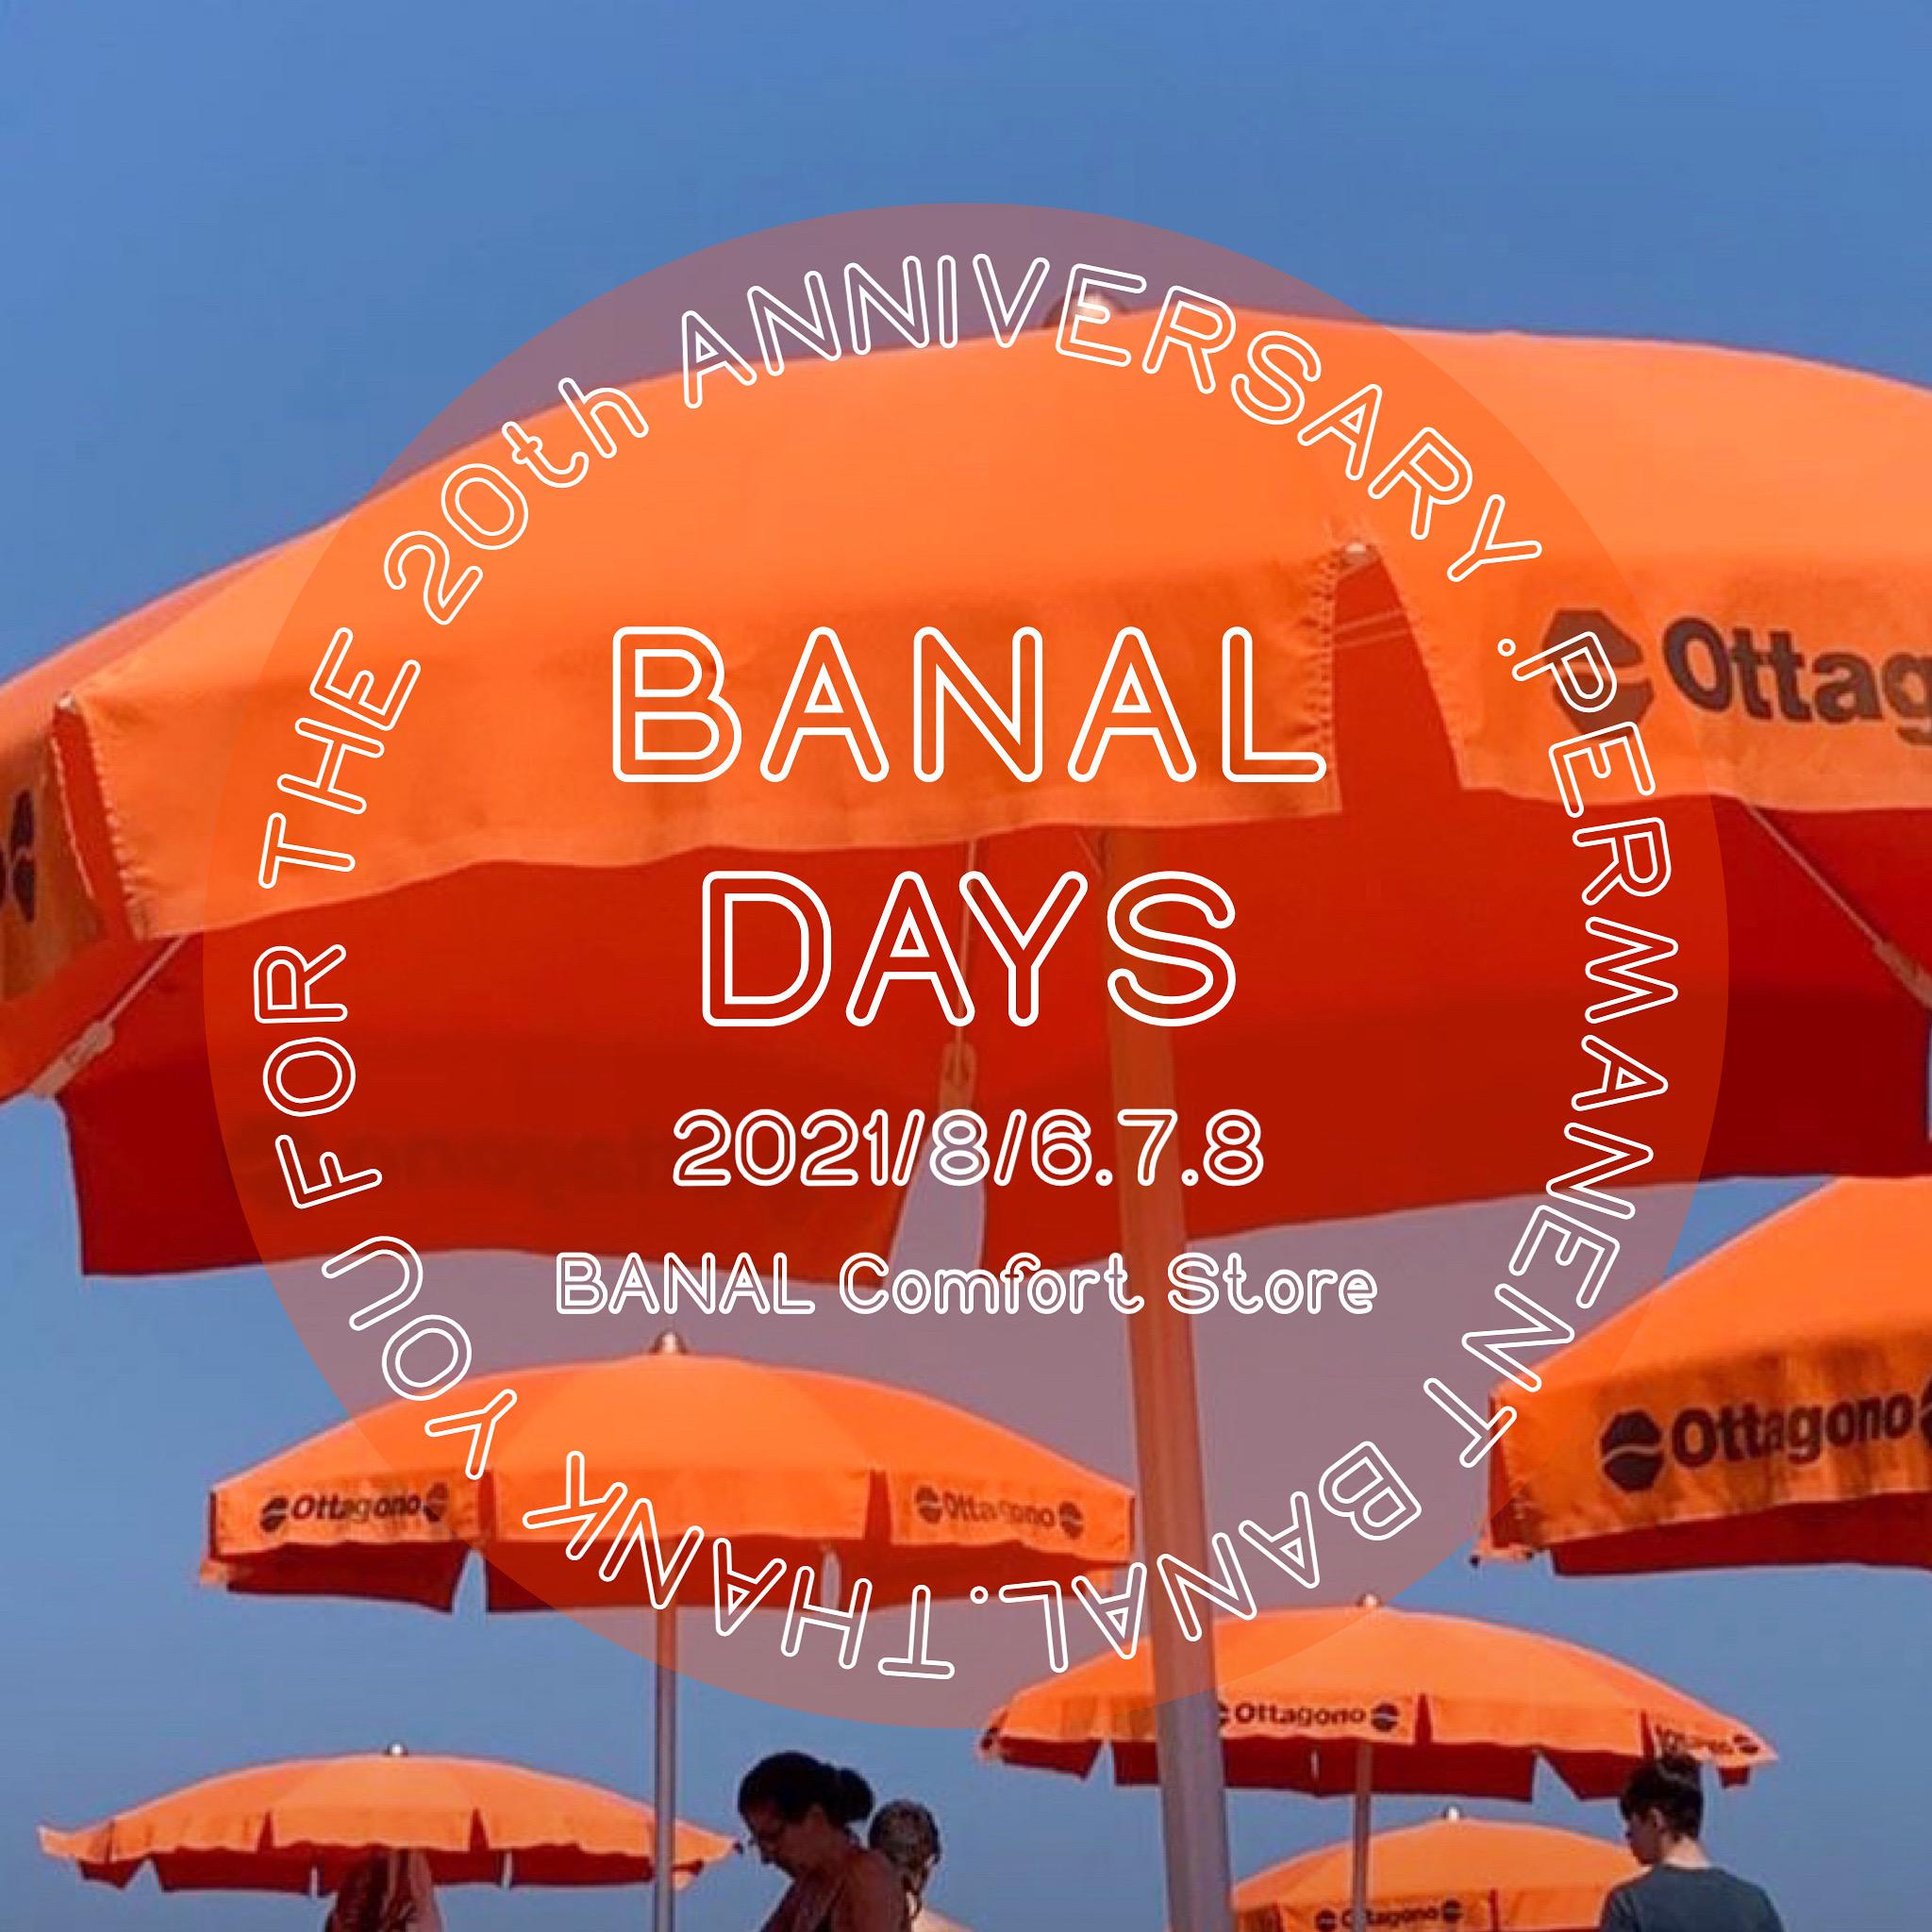 BANAL DAYS